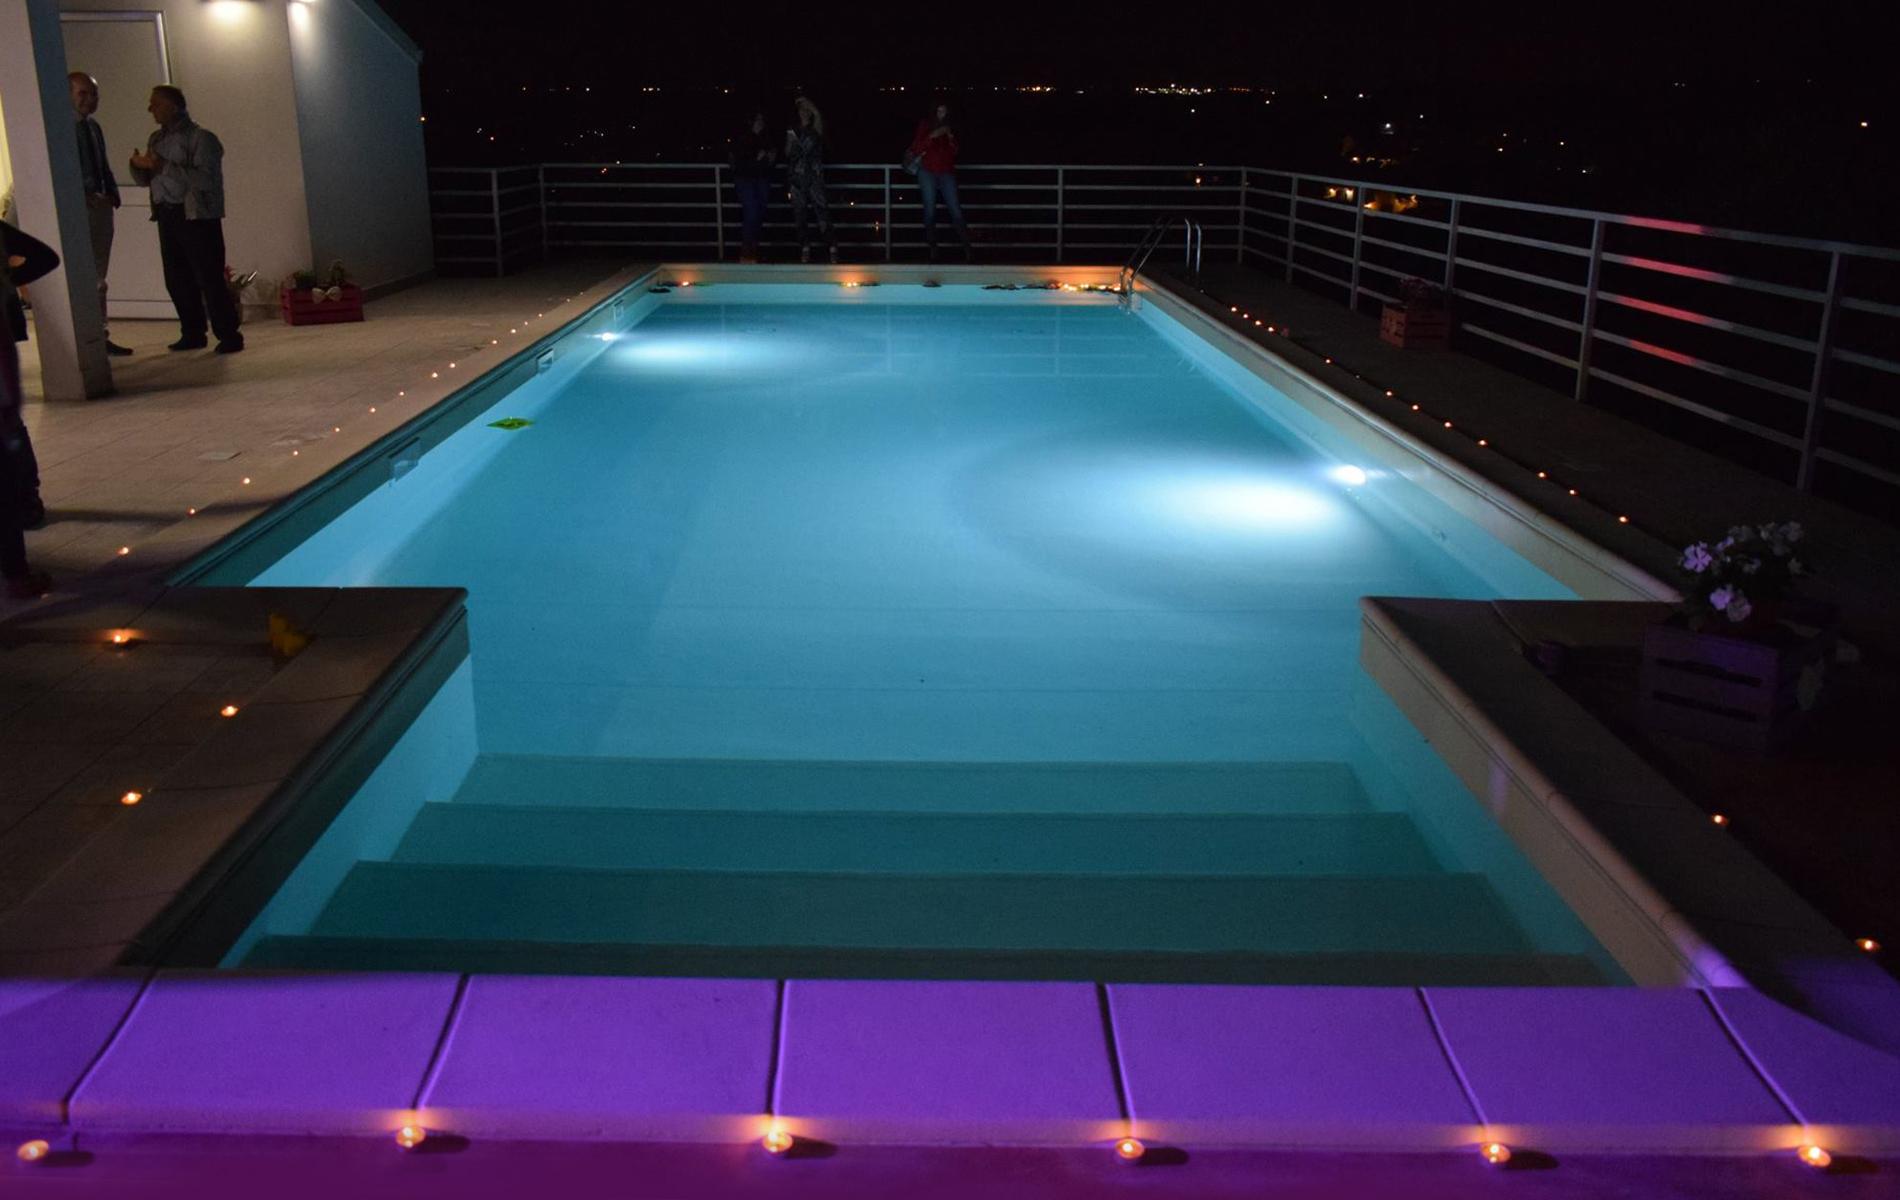 Villa Con Piscina A Modica Ti Aspettiamo Anche Ospiti Esterni 0932 453536 366 4638488